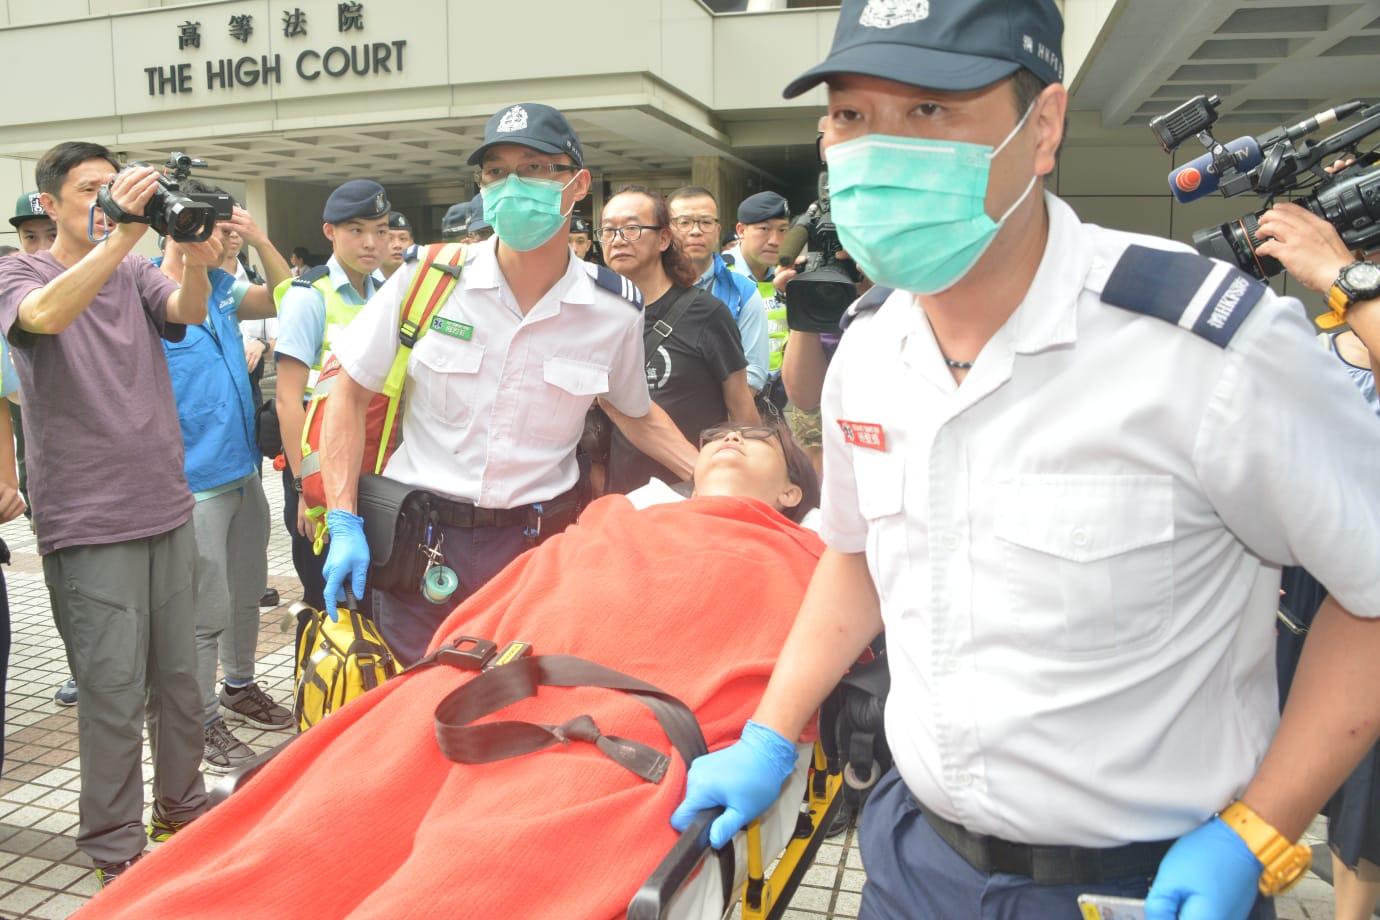 一名女子亦報稱受傷送院。